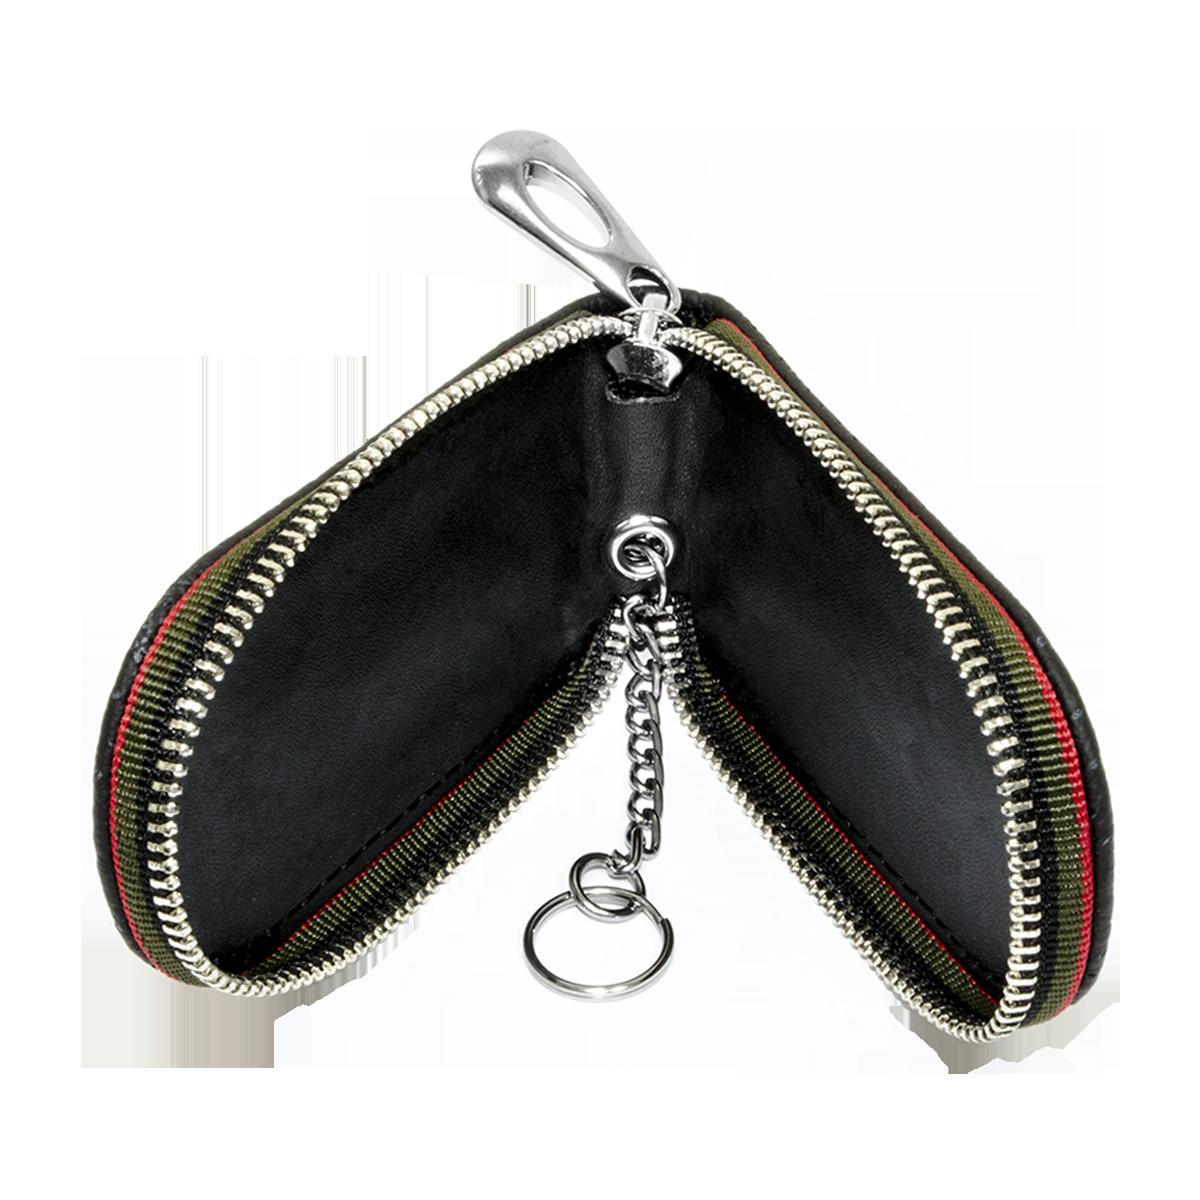 Ключница Carss с логотипом PEUGEOT 19007 черная